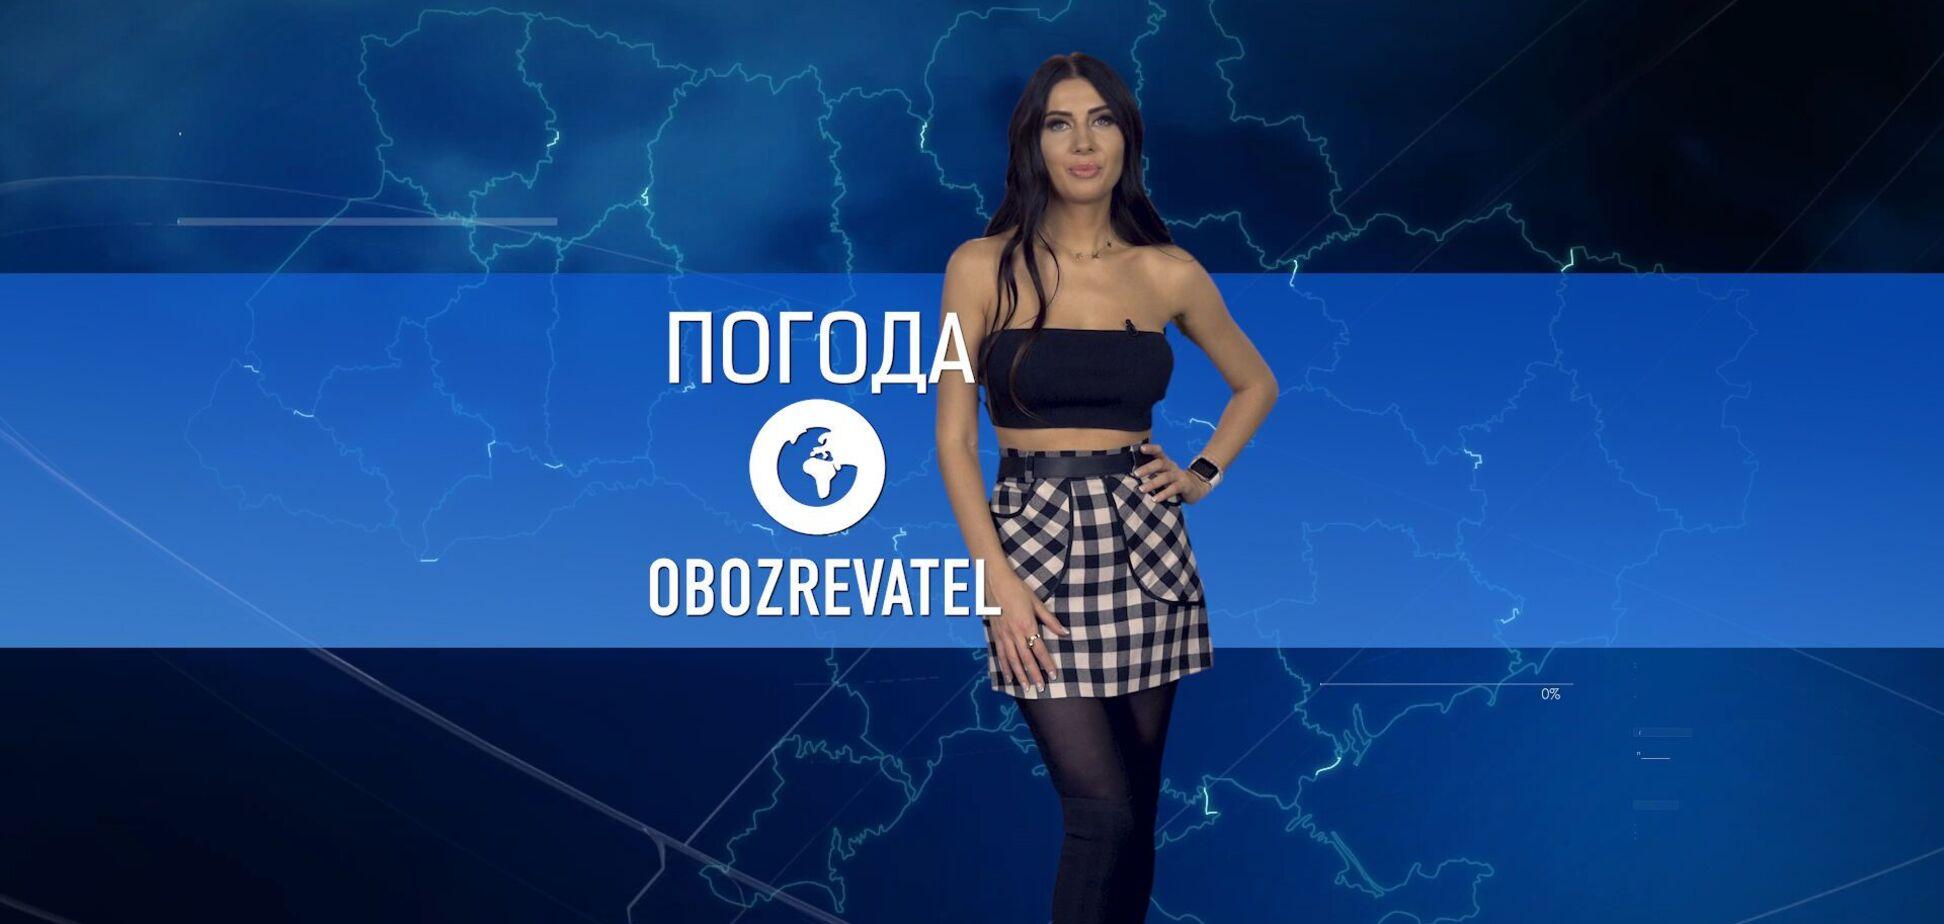 Прогноз погоди в Україні на четвер 24 грудня, з Алісою Мярковською